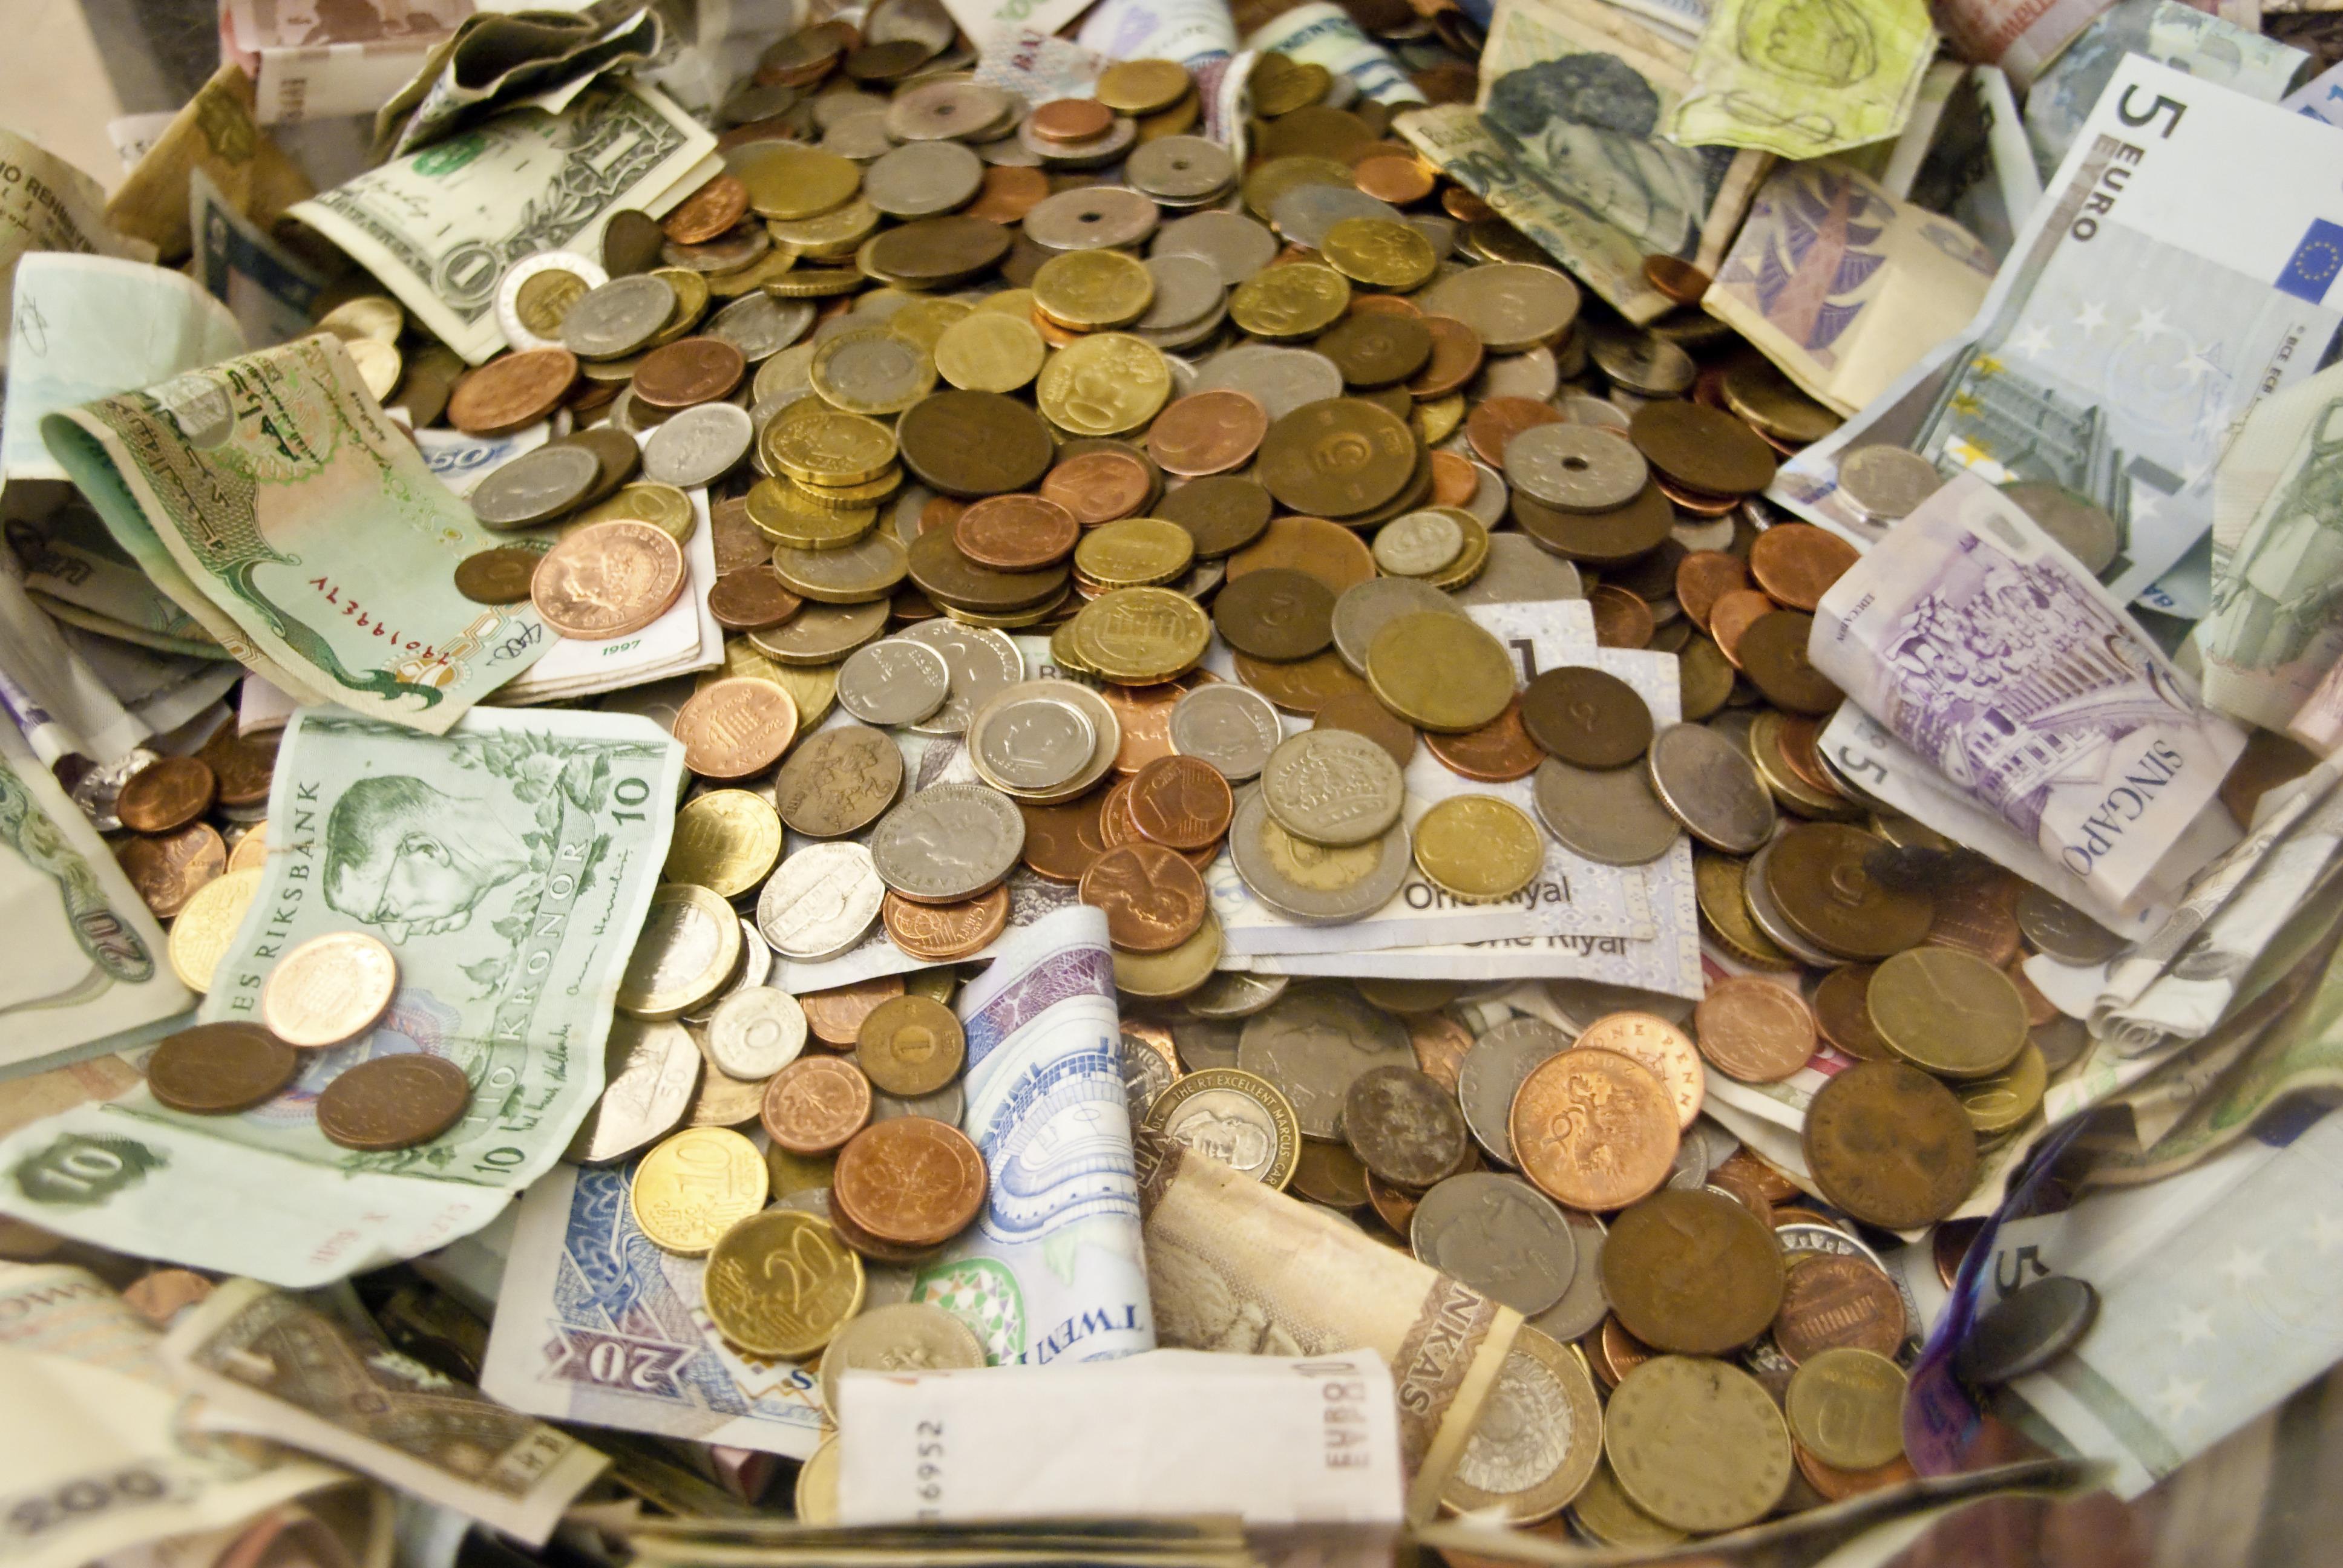 euros euros Viser 1 million d'euros avec un capital de 100 euros ! euro